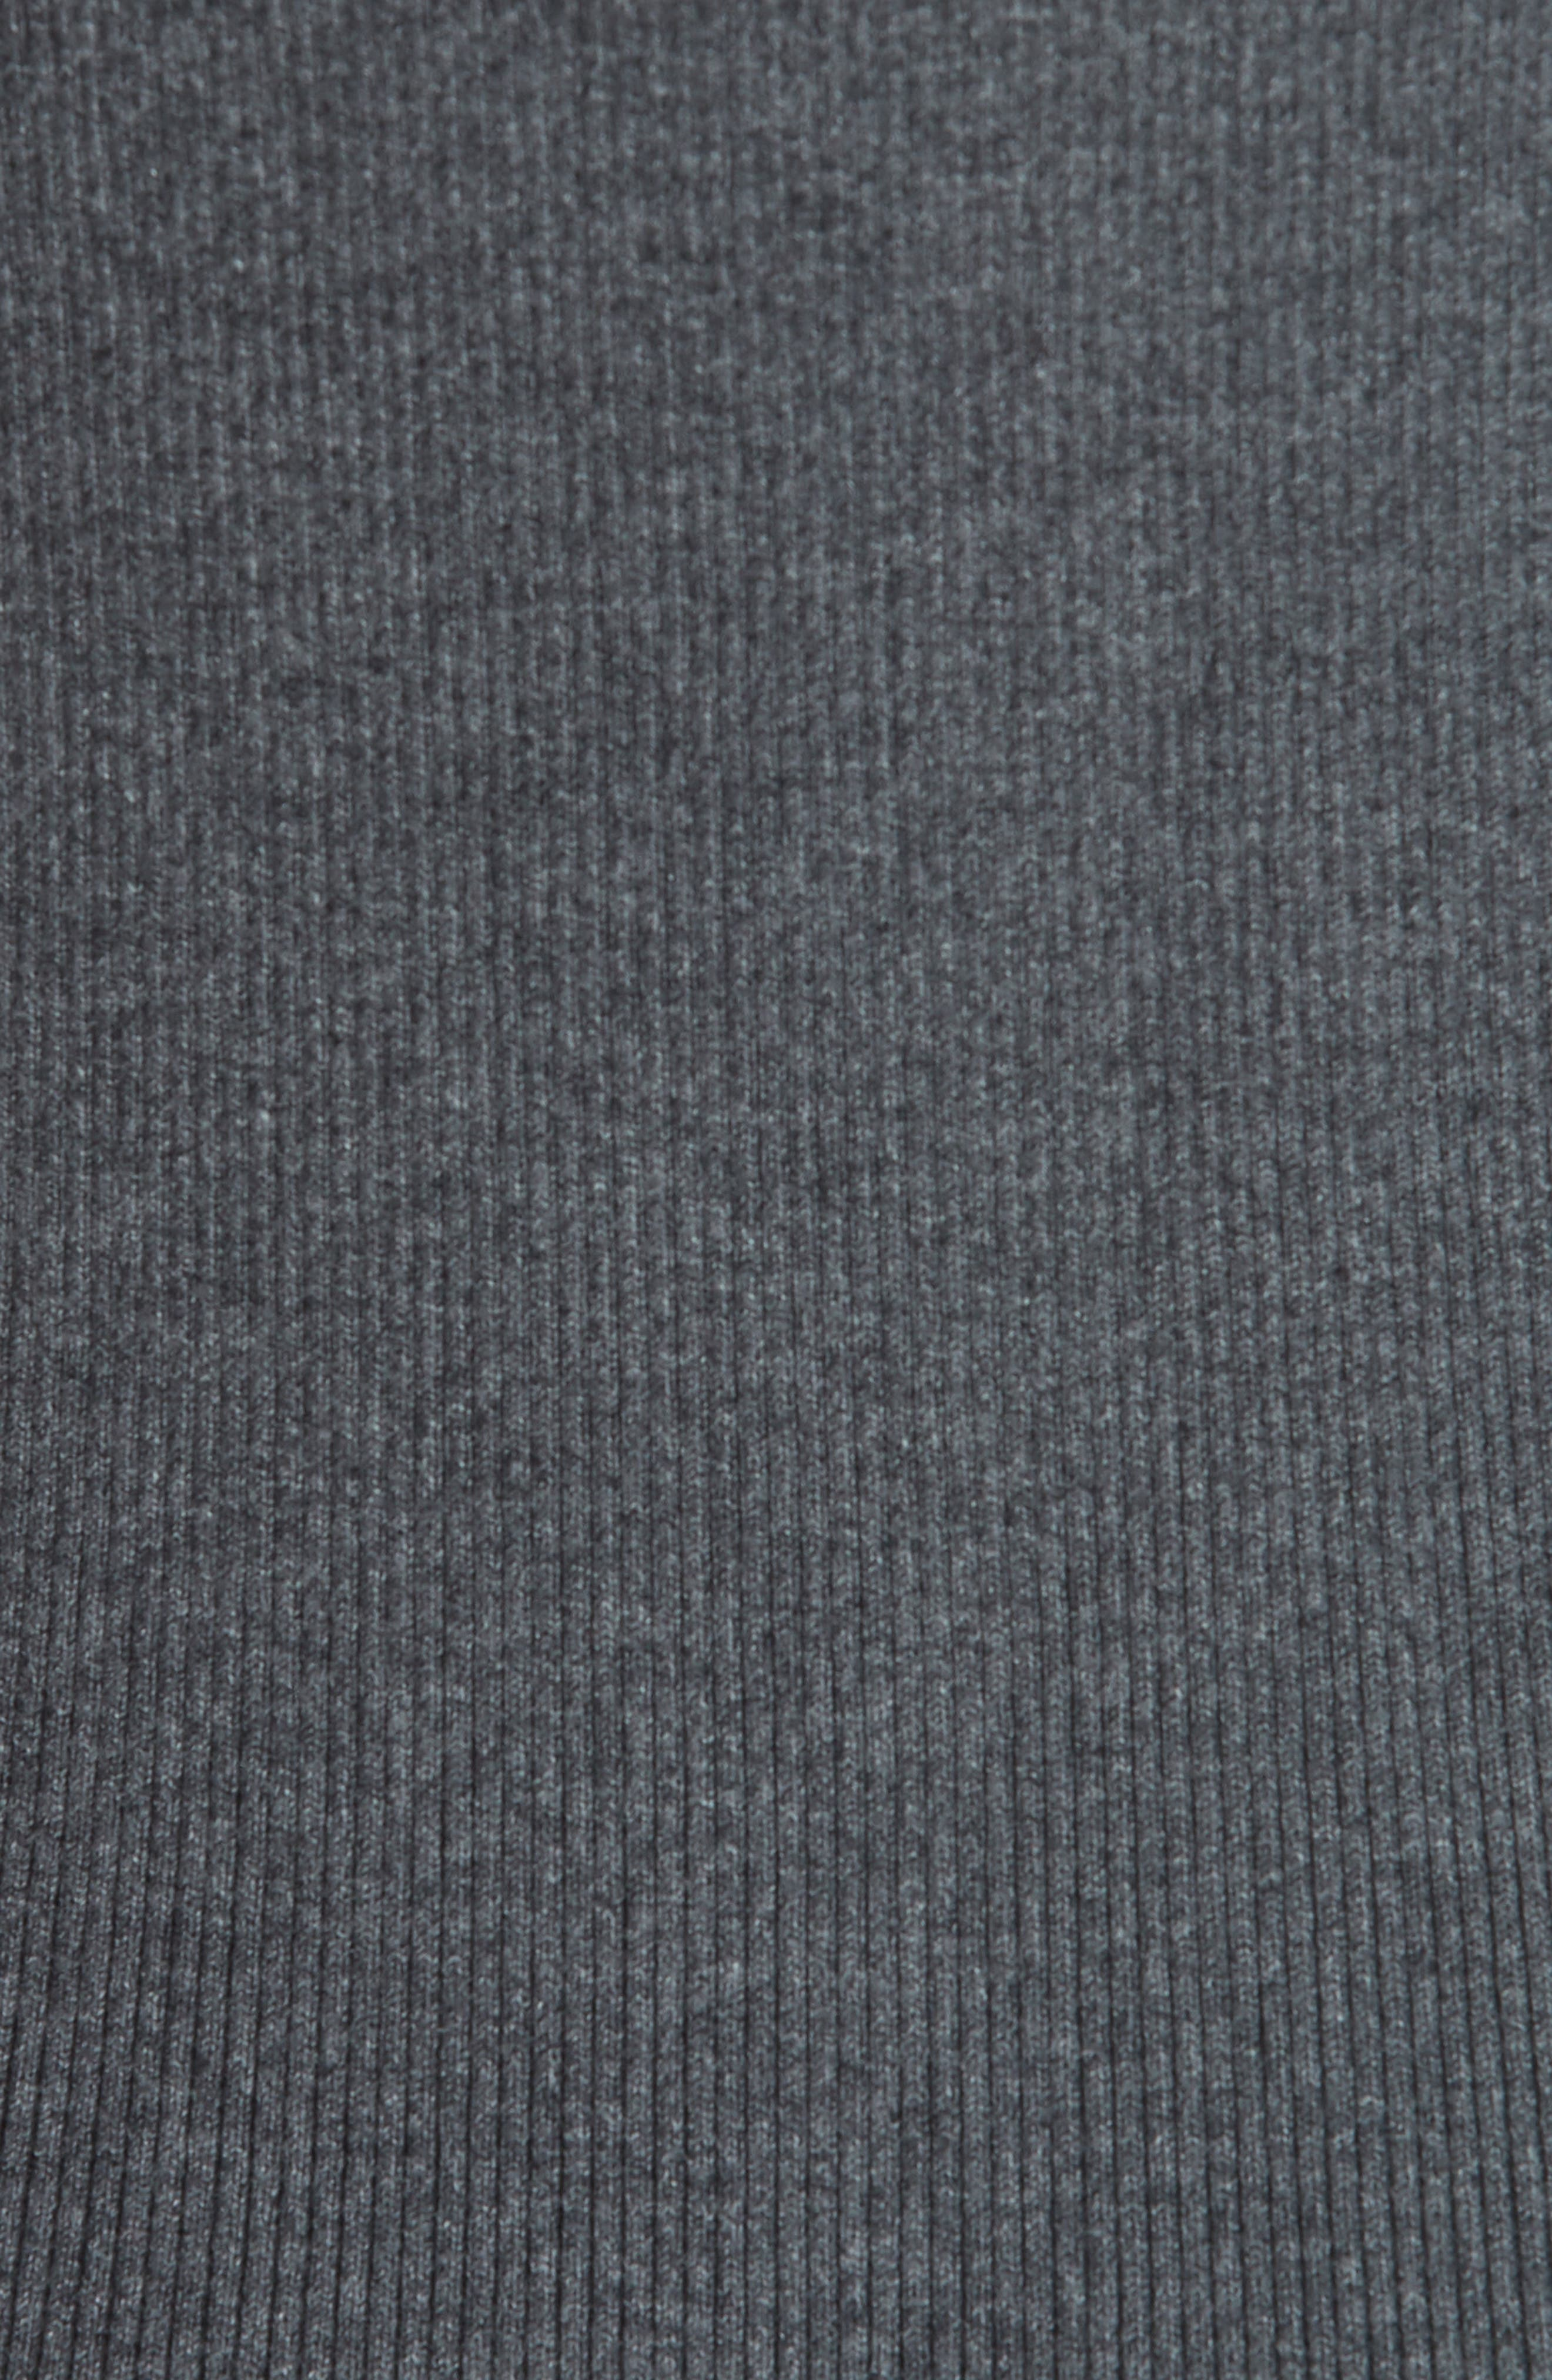 Midi Sweater Dress,                             Alternate thumbnail 5, color,                             020